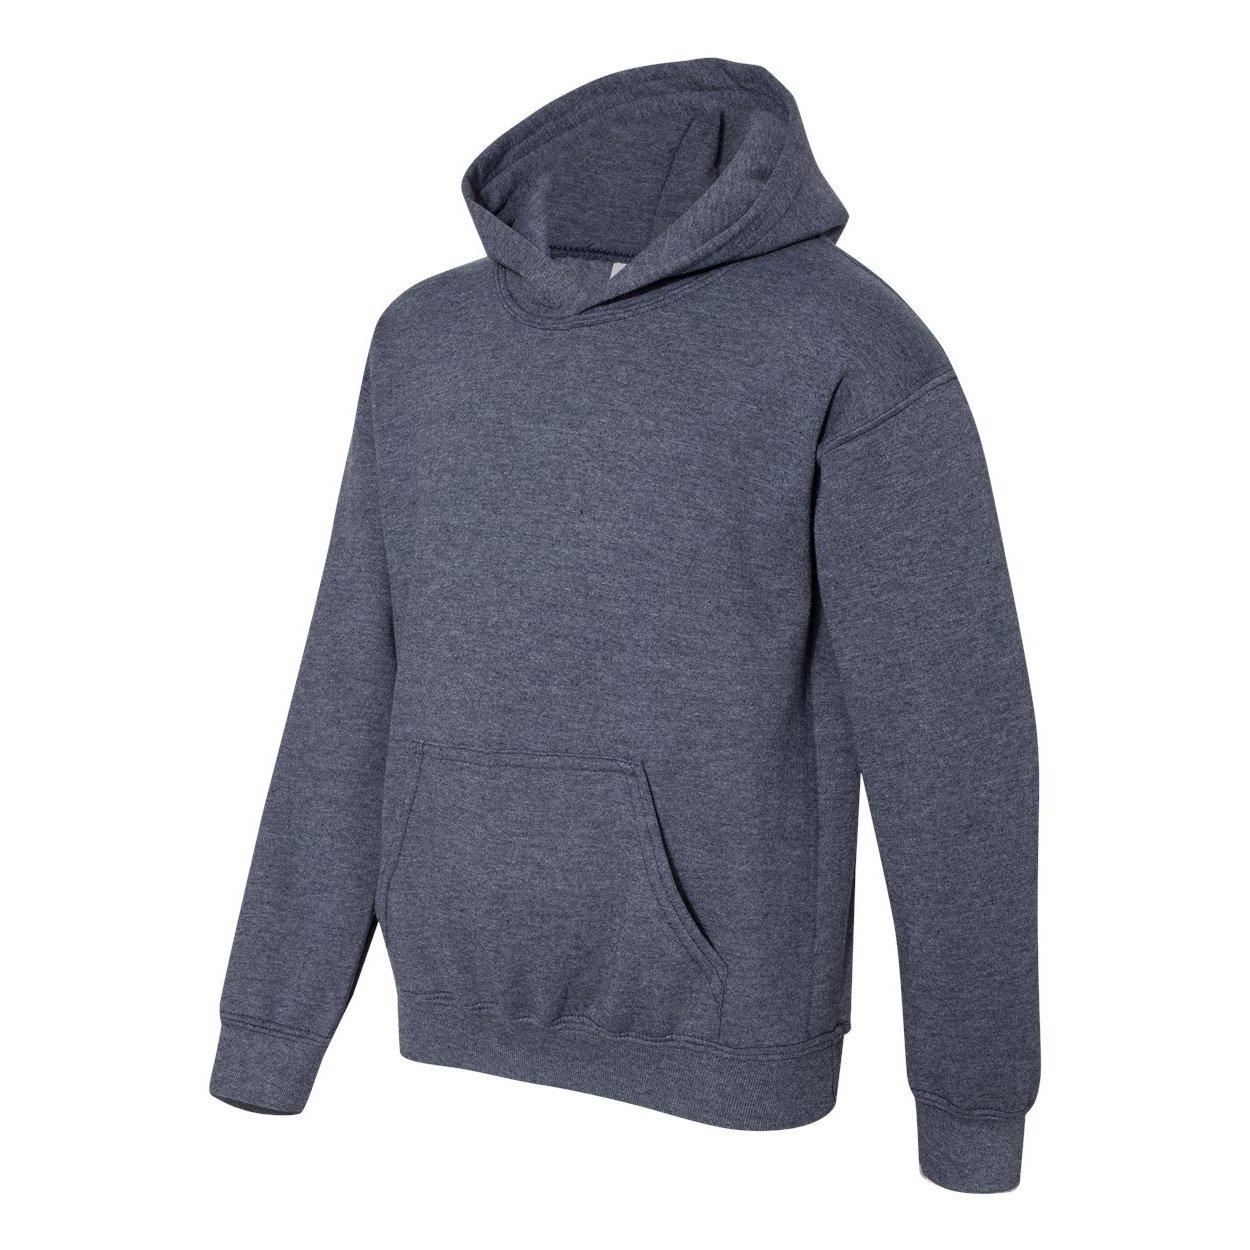 Gildan Heavy Blend Childrens Unisex Hooded Sweatshirt Top//Hoodie Navy XL